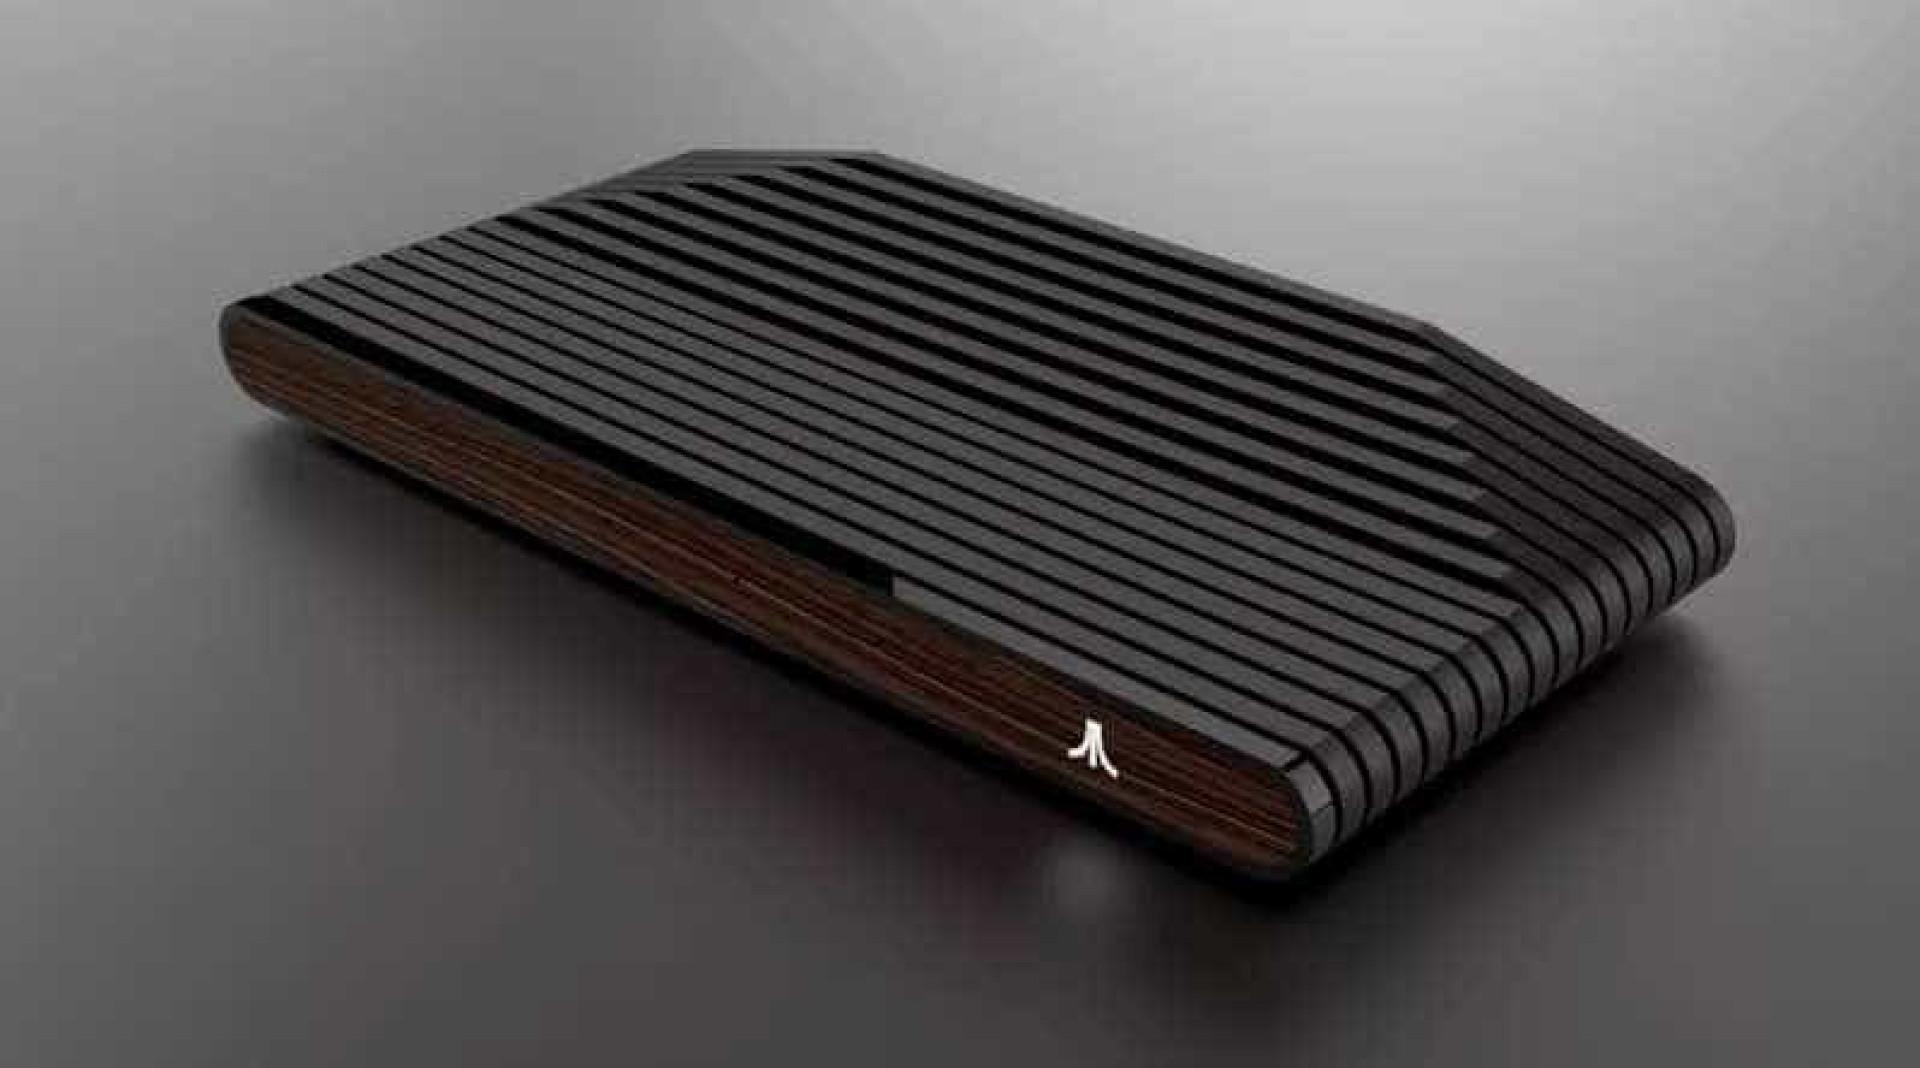 A nova Atari vai mudar a sua ideia de consola de jogos